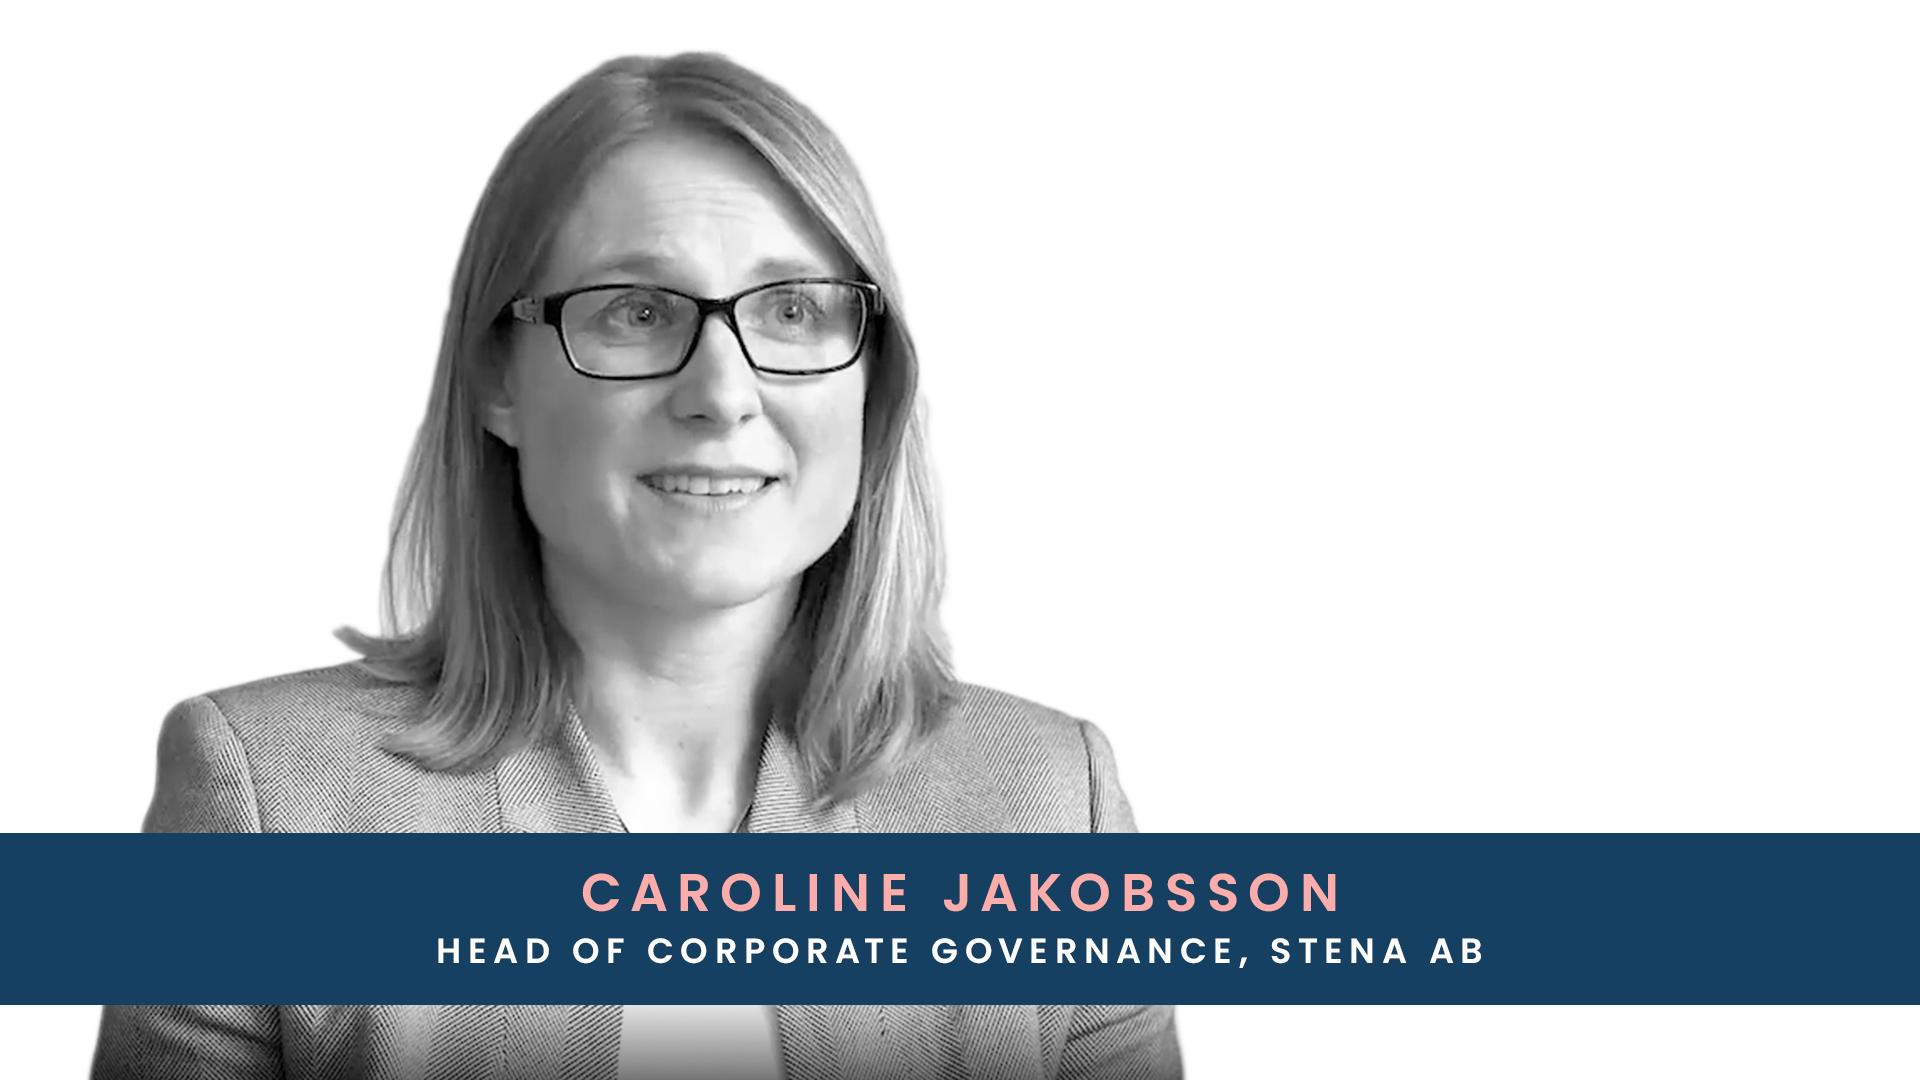 Kundintervju Caroline Jakobsson Stena